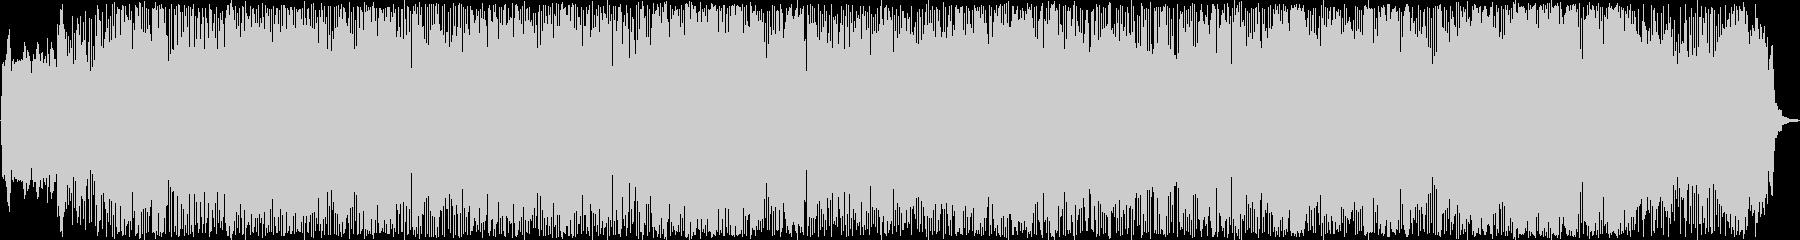 典型的なケルト音楽の未再生の波形